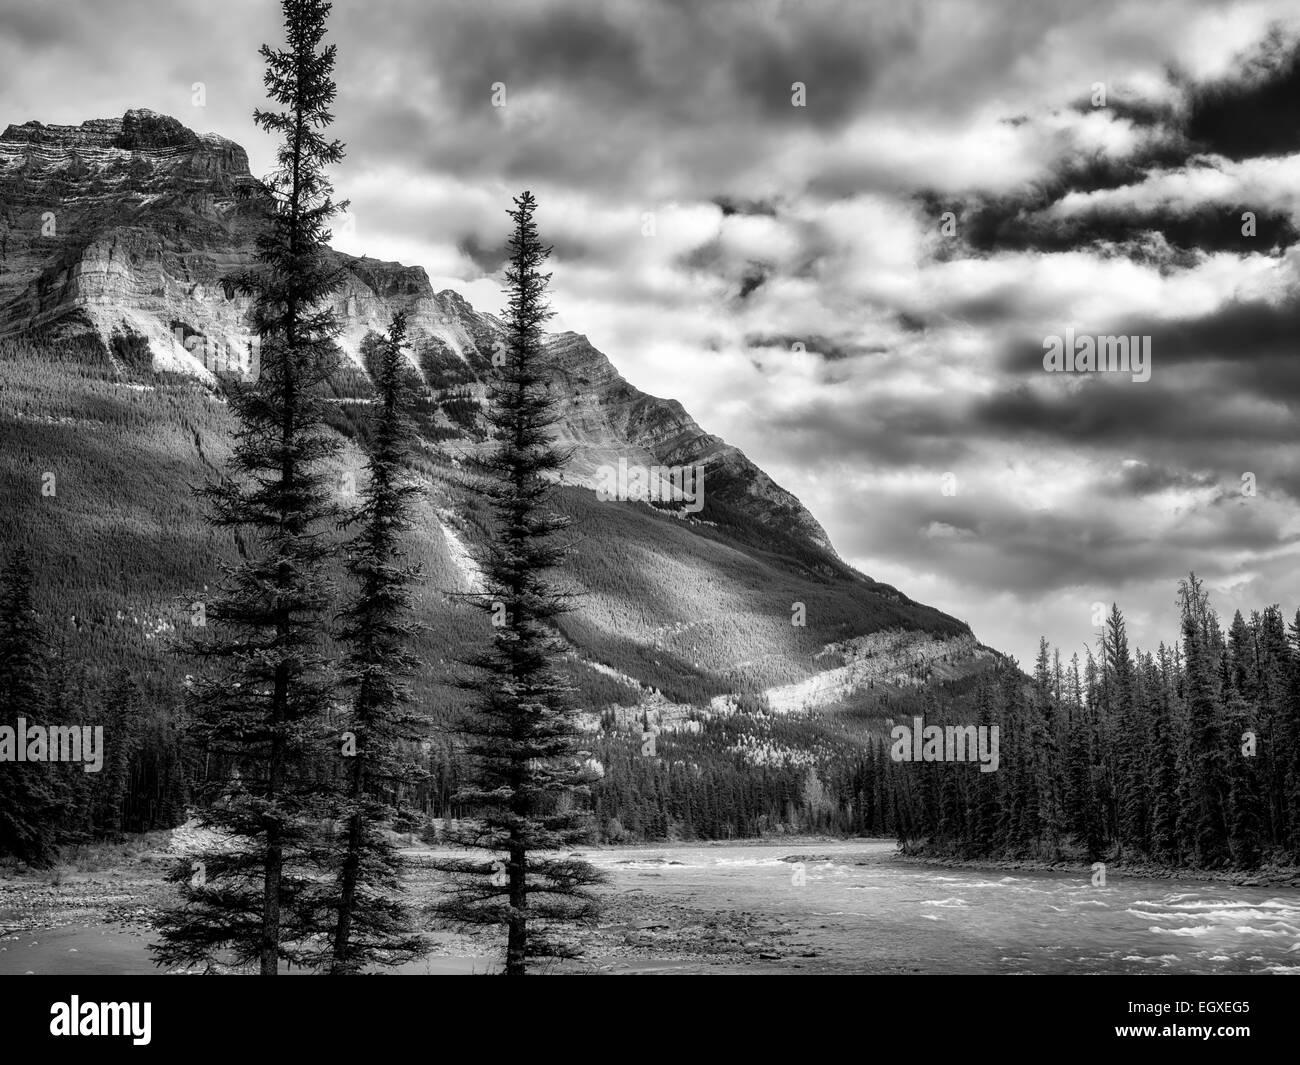 Athebasca fiume e montagna. Parco Nazionale di Jasper, Alberta, Canada Immagini Stock